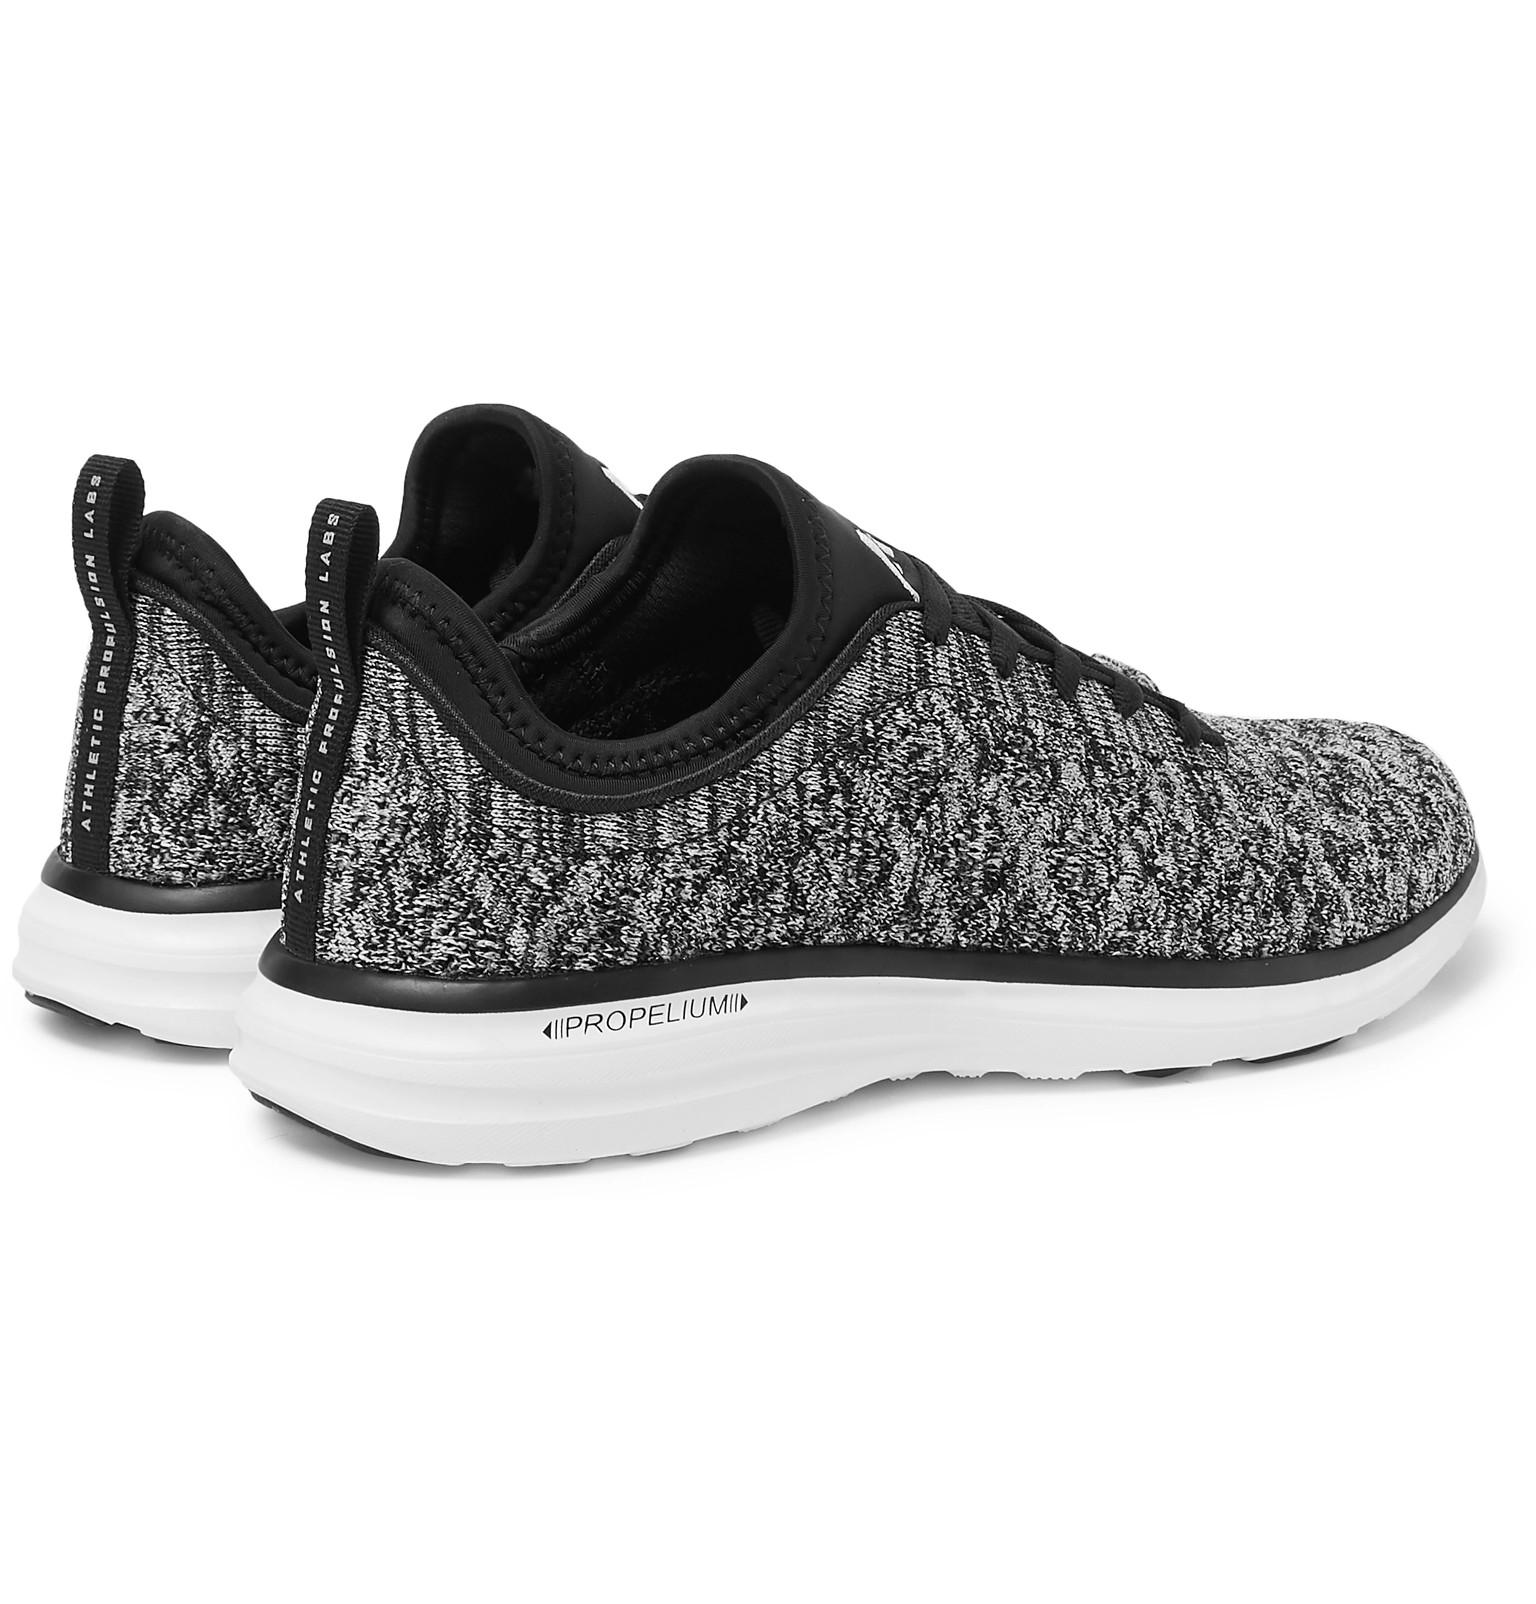 15156795255 APL Athletic Propulsion Labs - TechLoom Phantom Running Sneakers